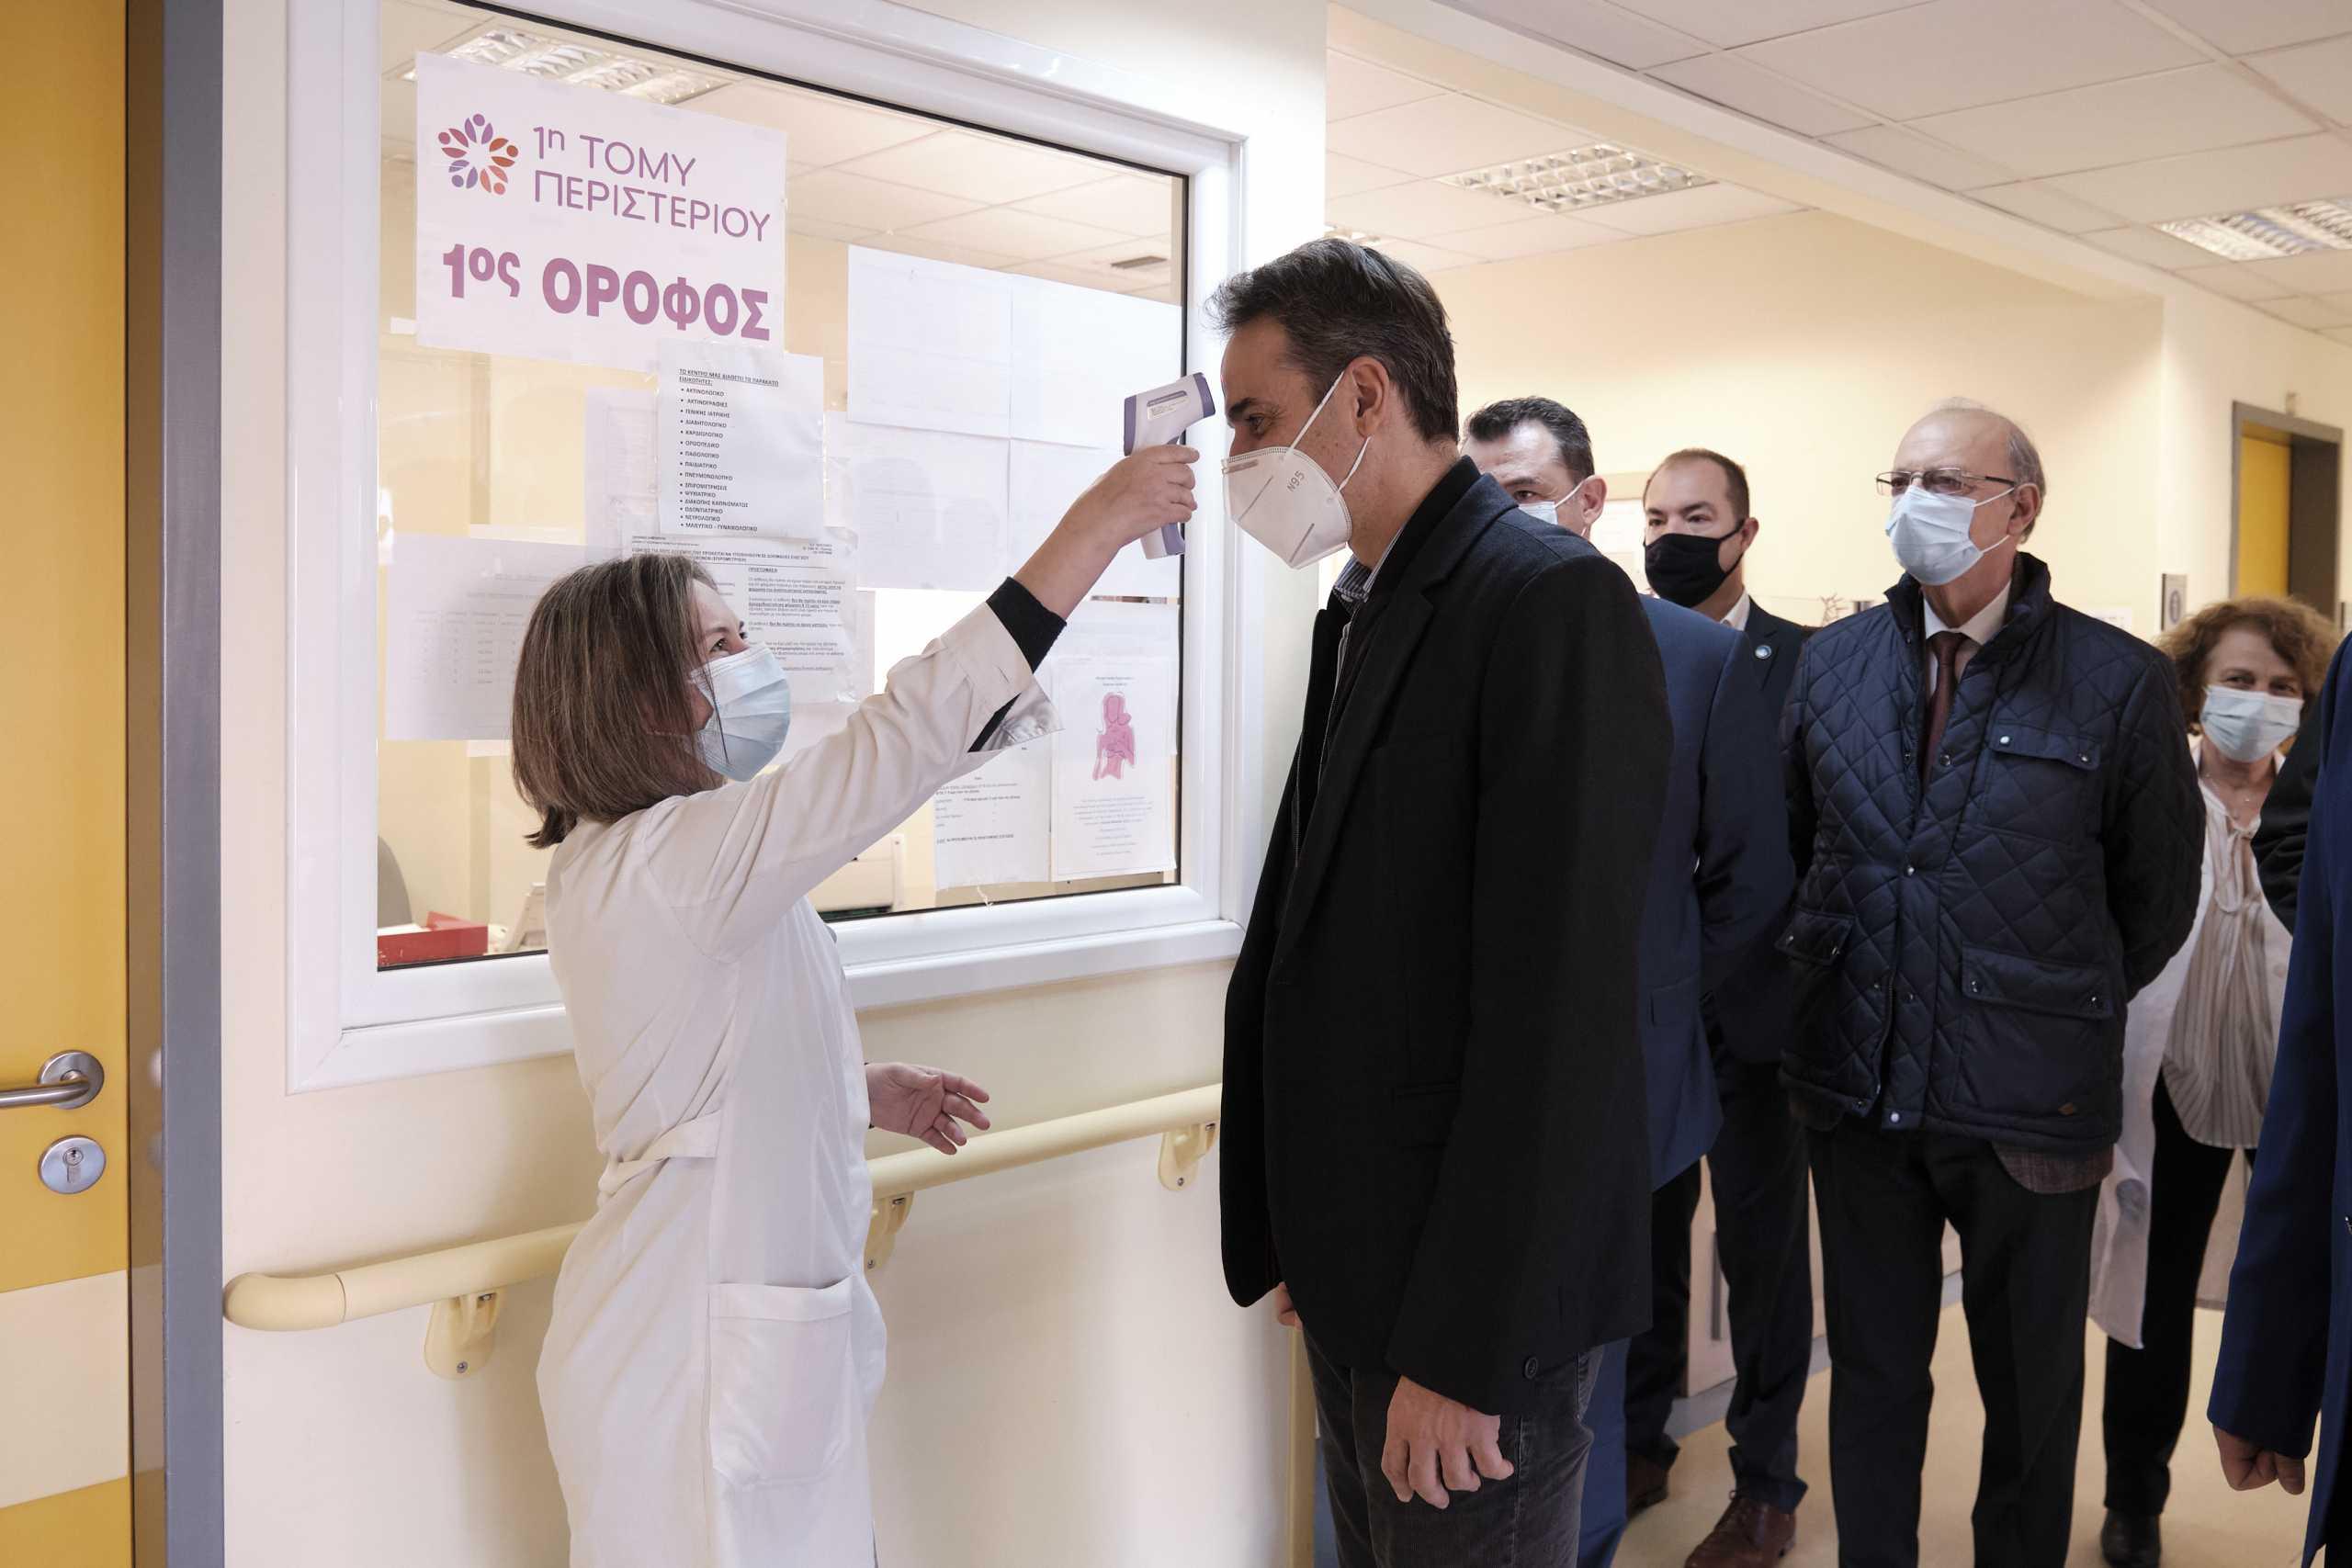 Μητσοτάκης: Το εμβόλιο, η αρχή του τέλους – Να προσέξουμε για να αποφύγουμε τρίτο κύμα